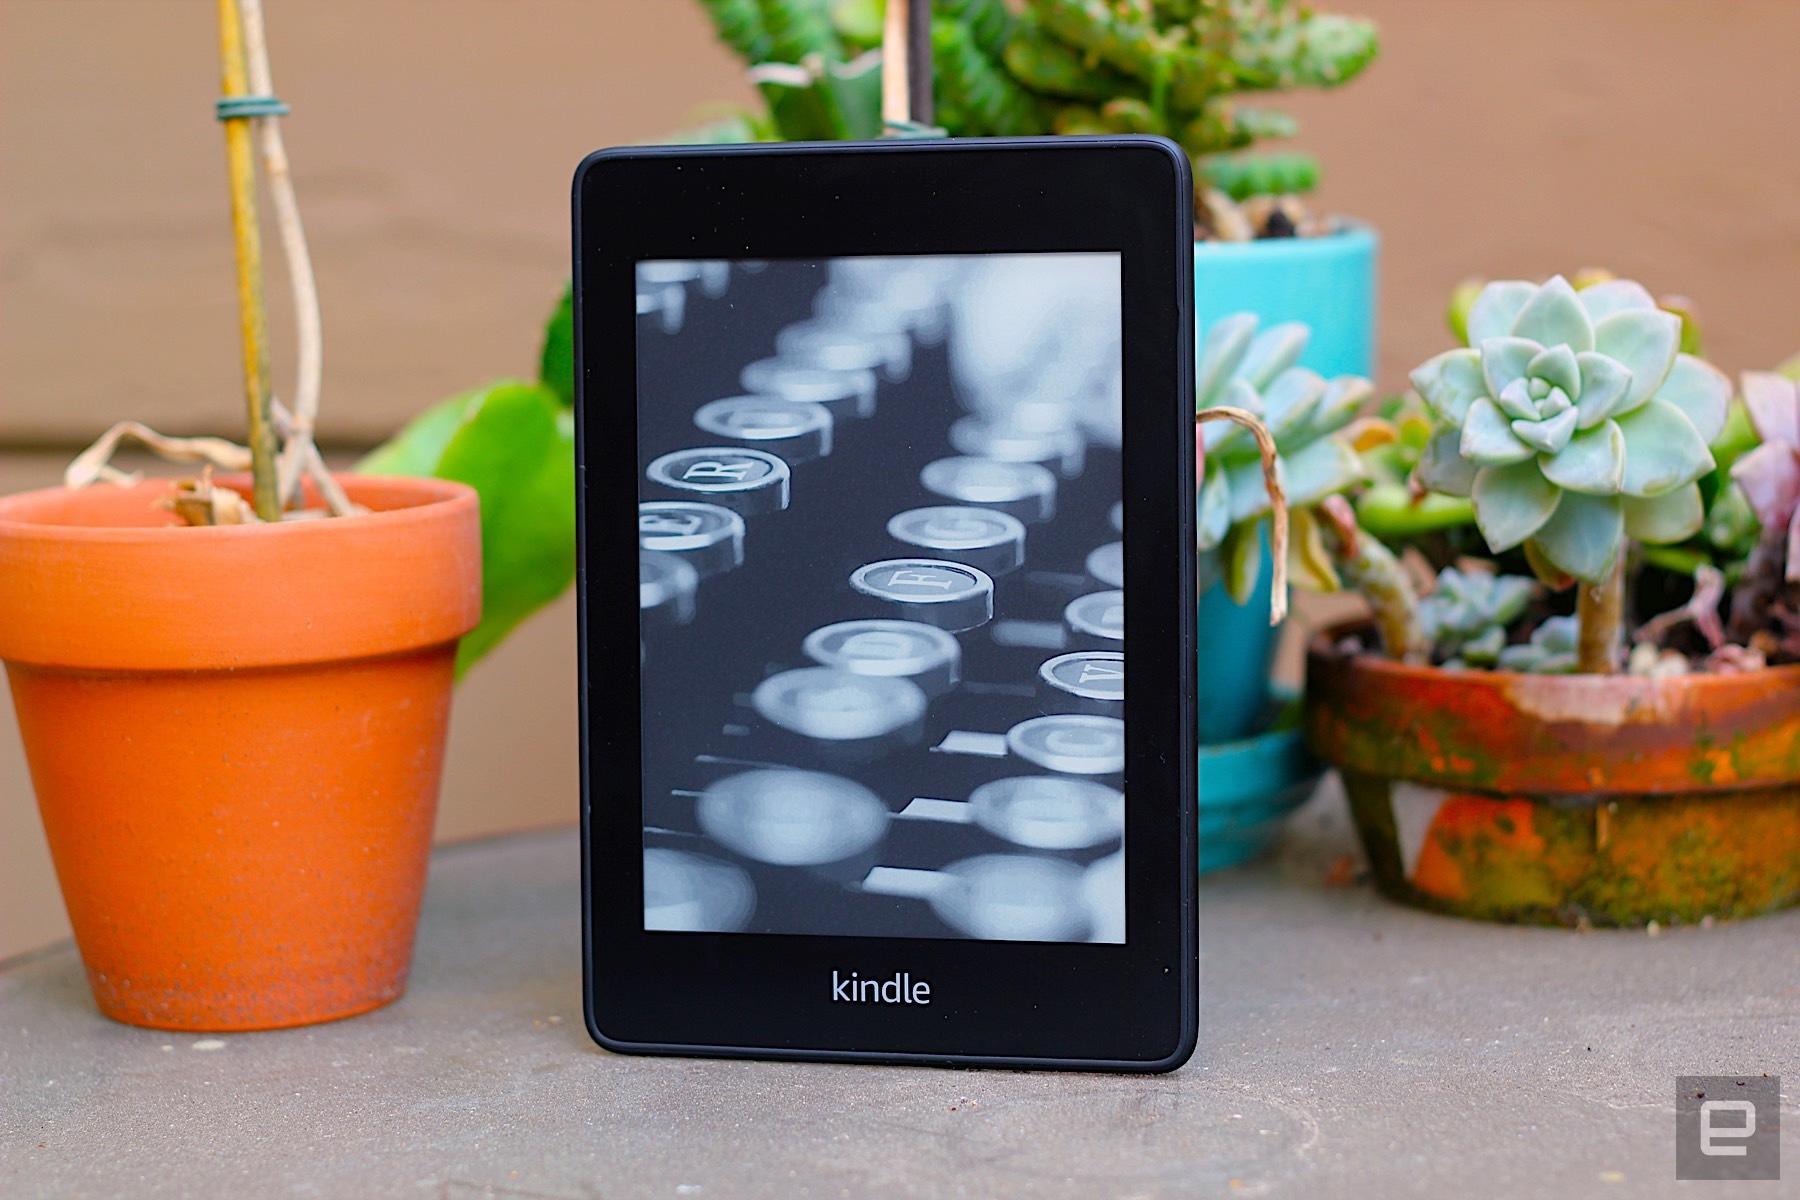 Amazon Kindle Paperwhite, bir günlük satışta tüm zamanların en düşük fiyatı olan 71 $'a düştü | Engadget